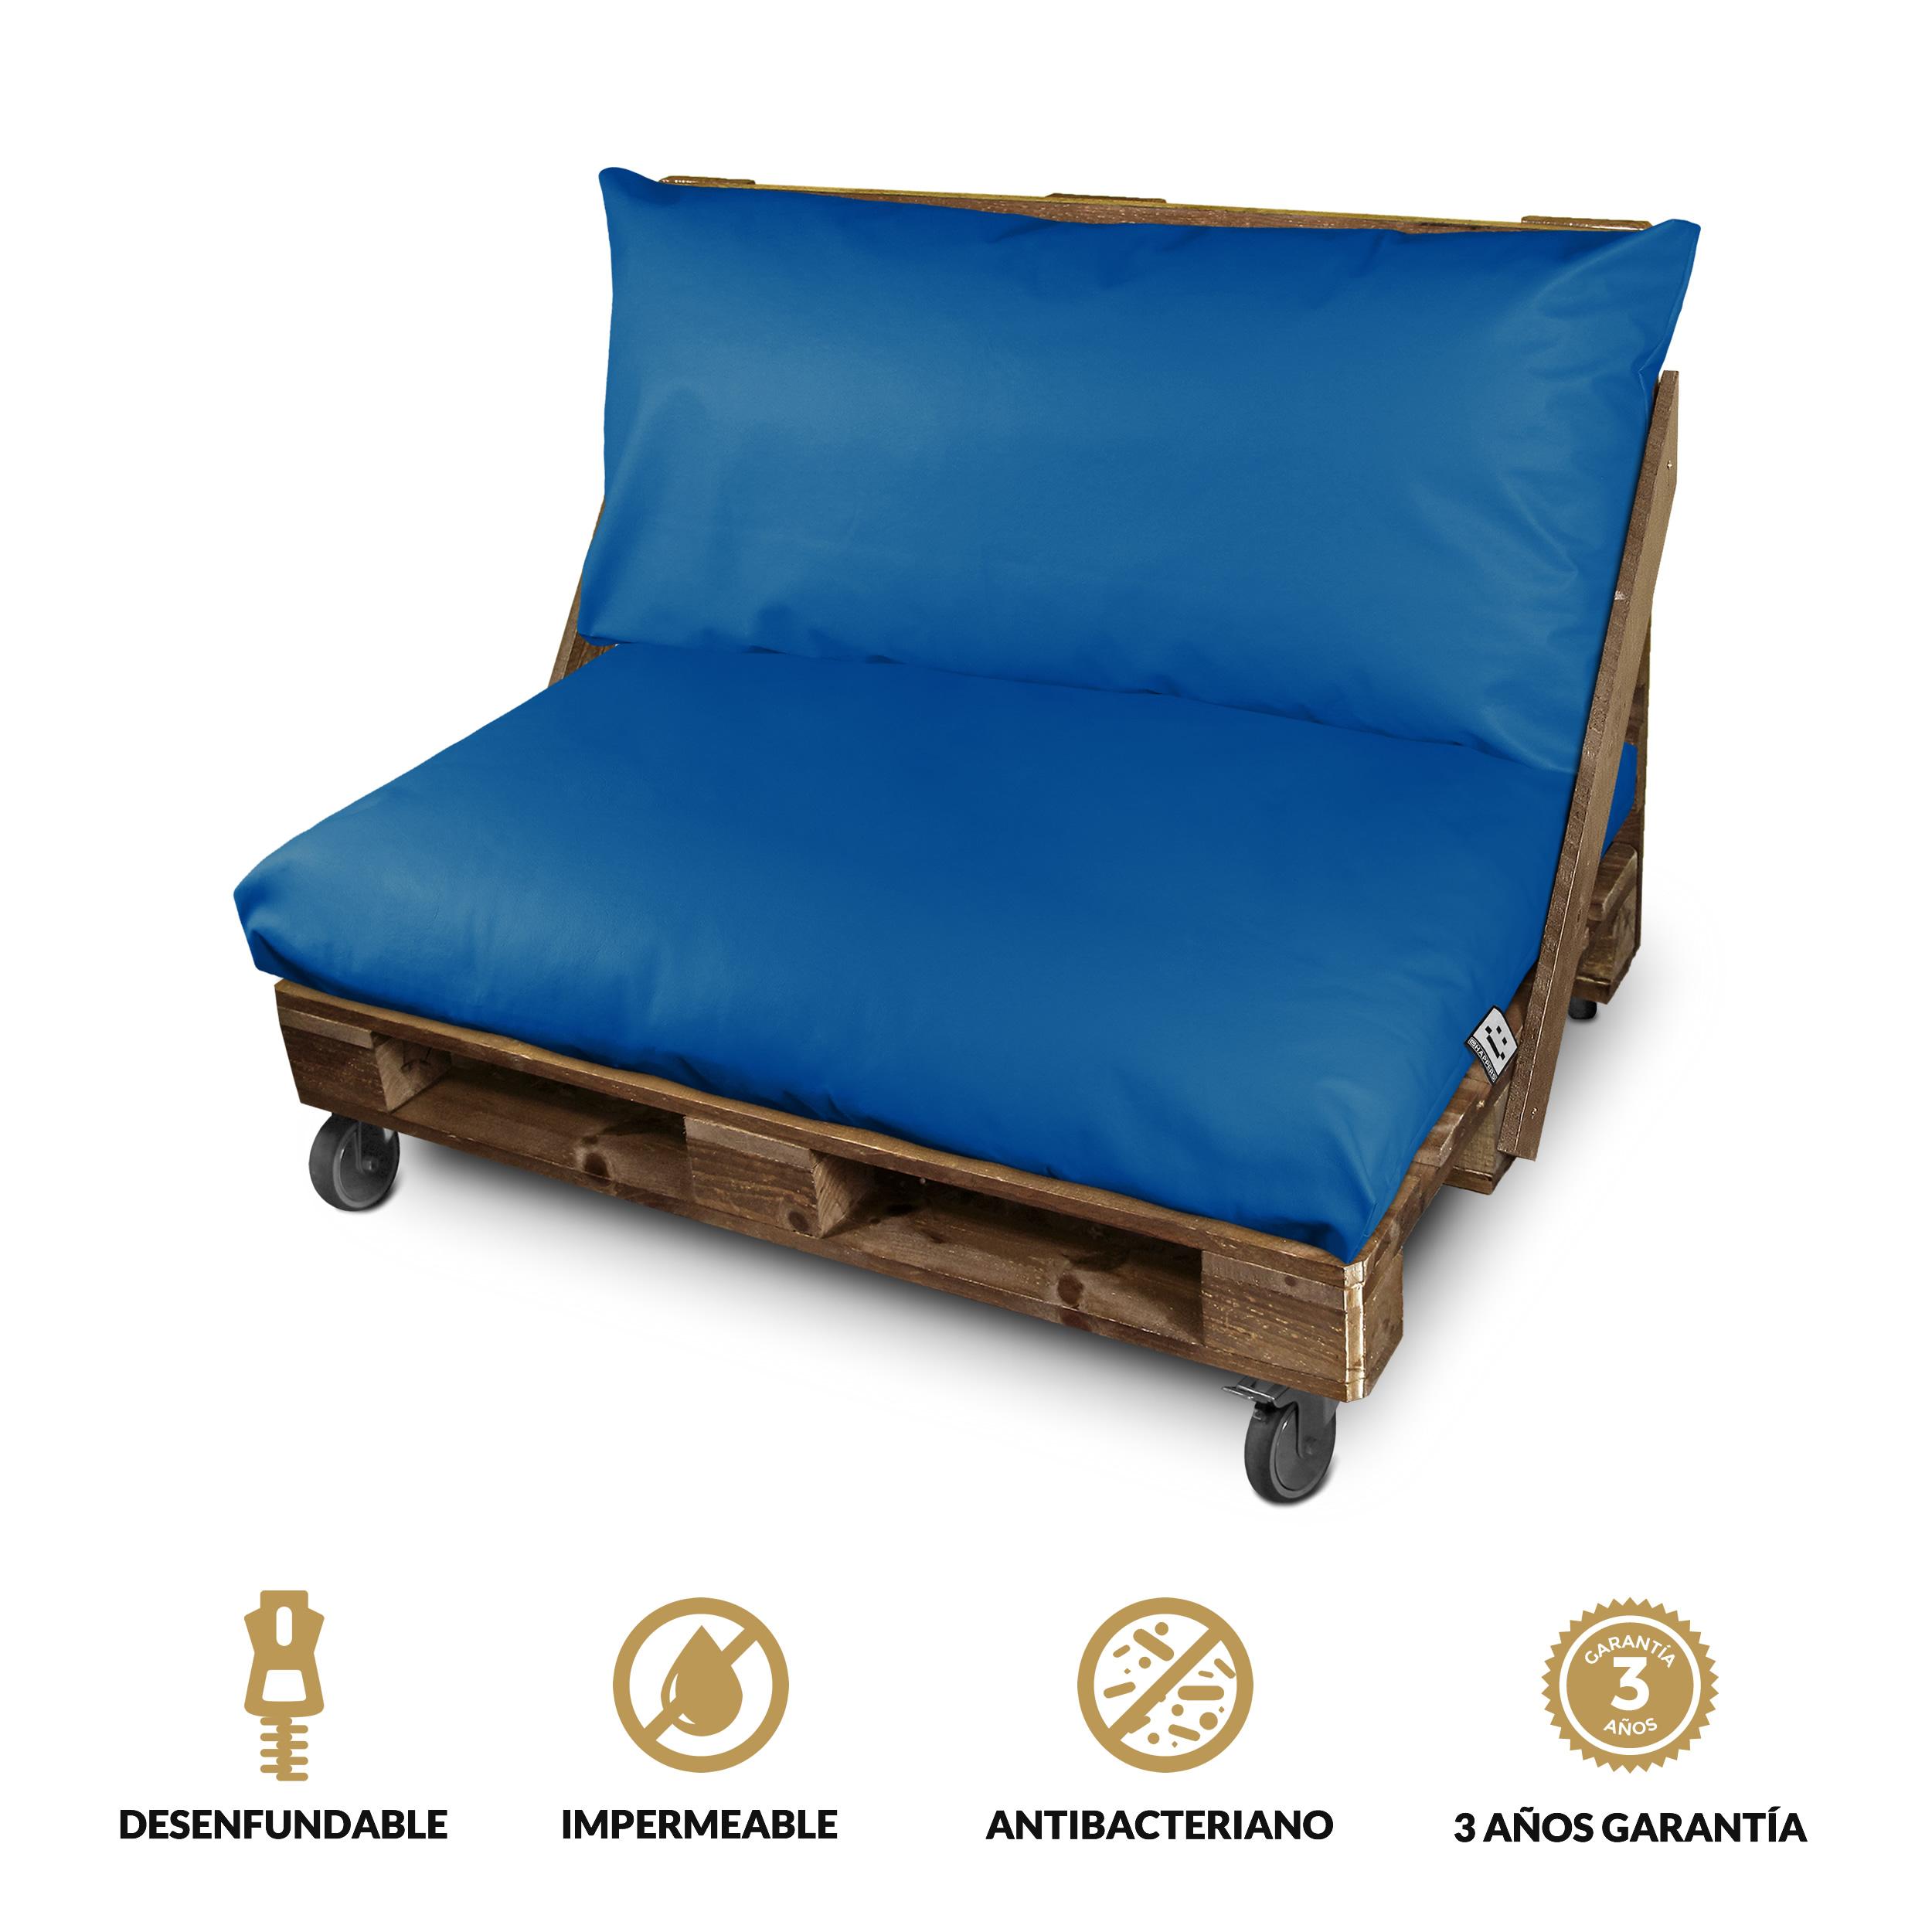 Set de Cojines Impermeables y Desenfundables para Palet en Polipiel Azul